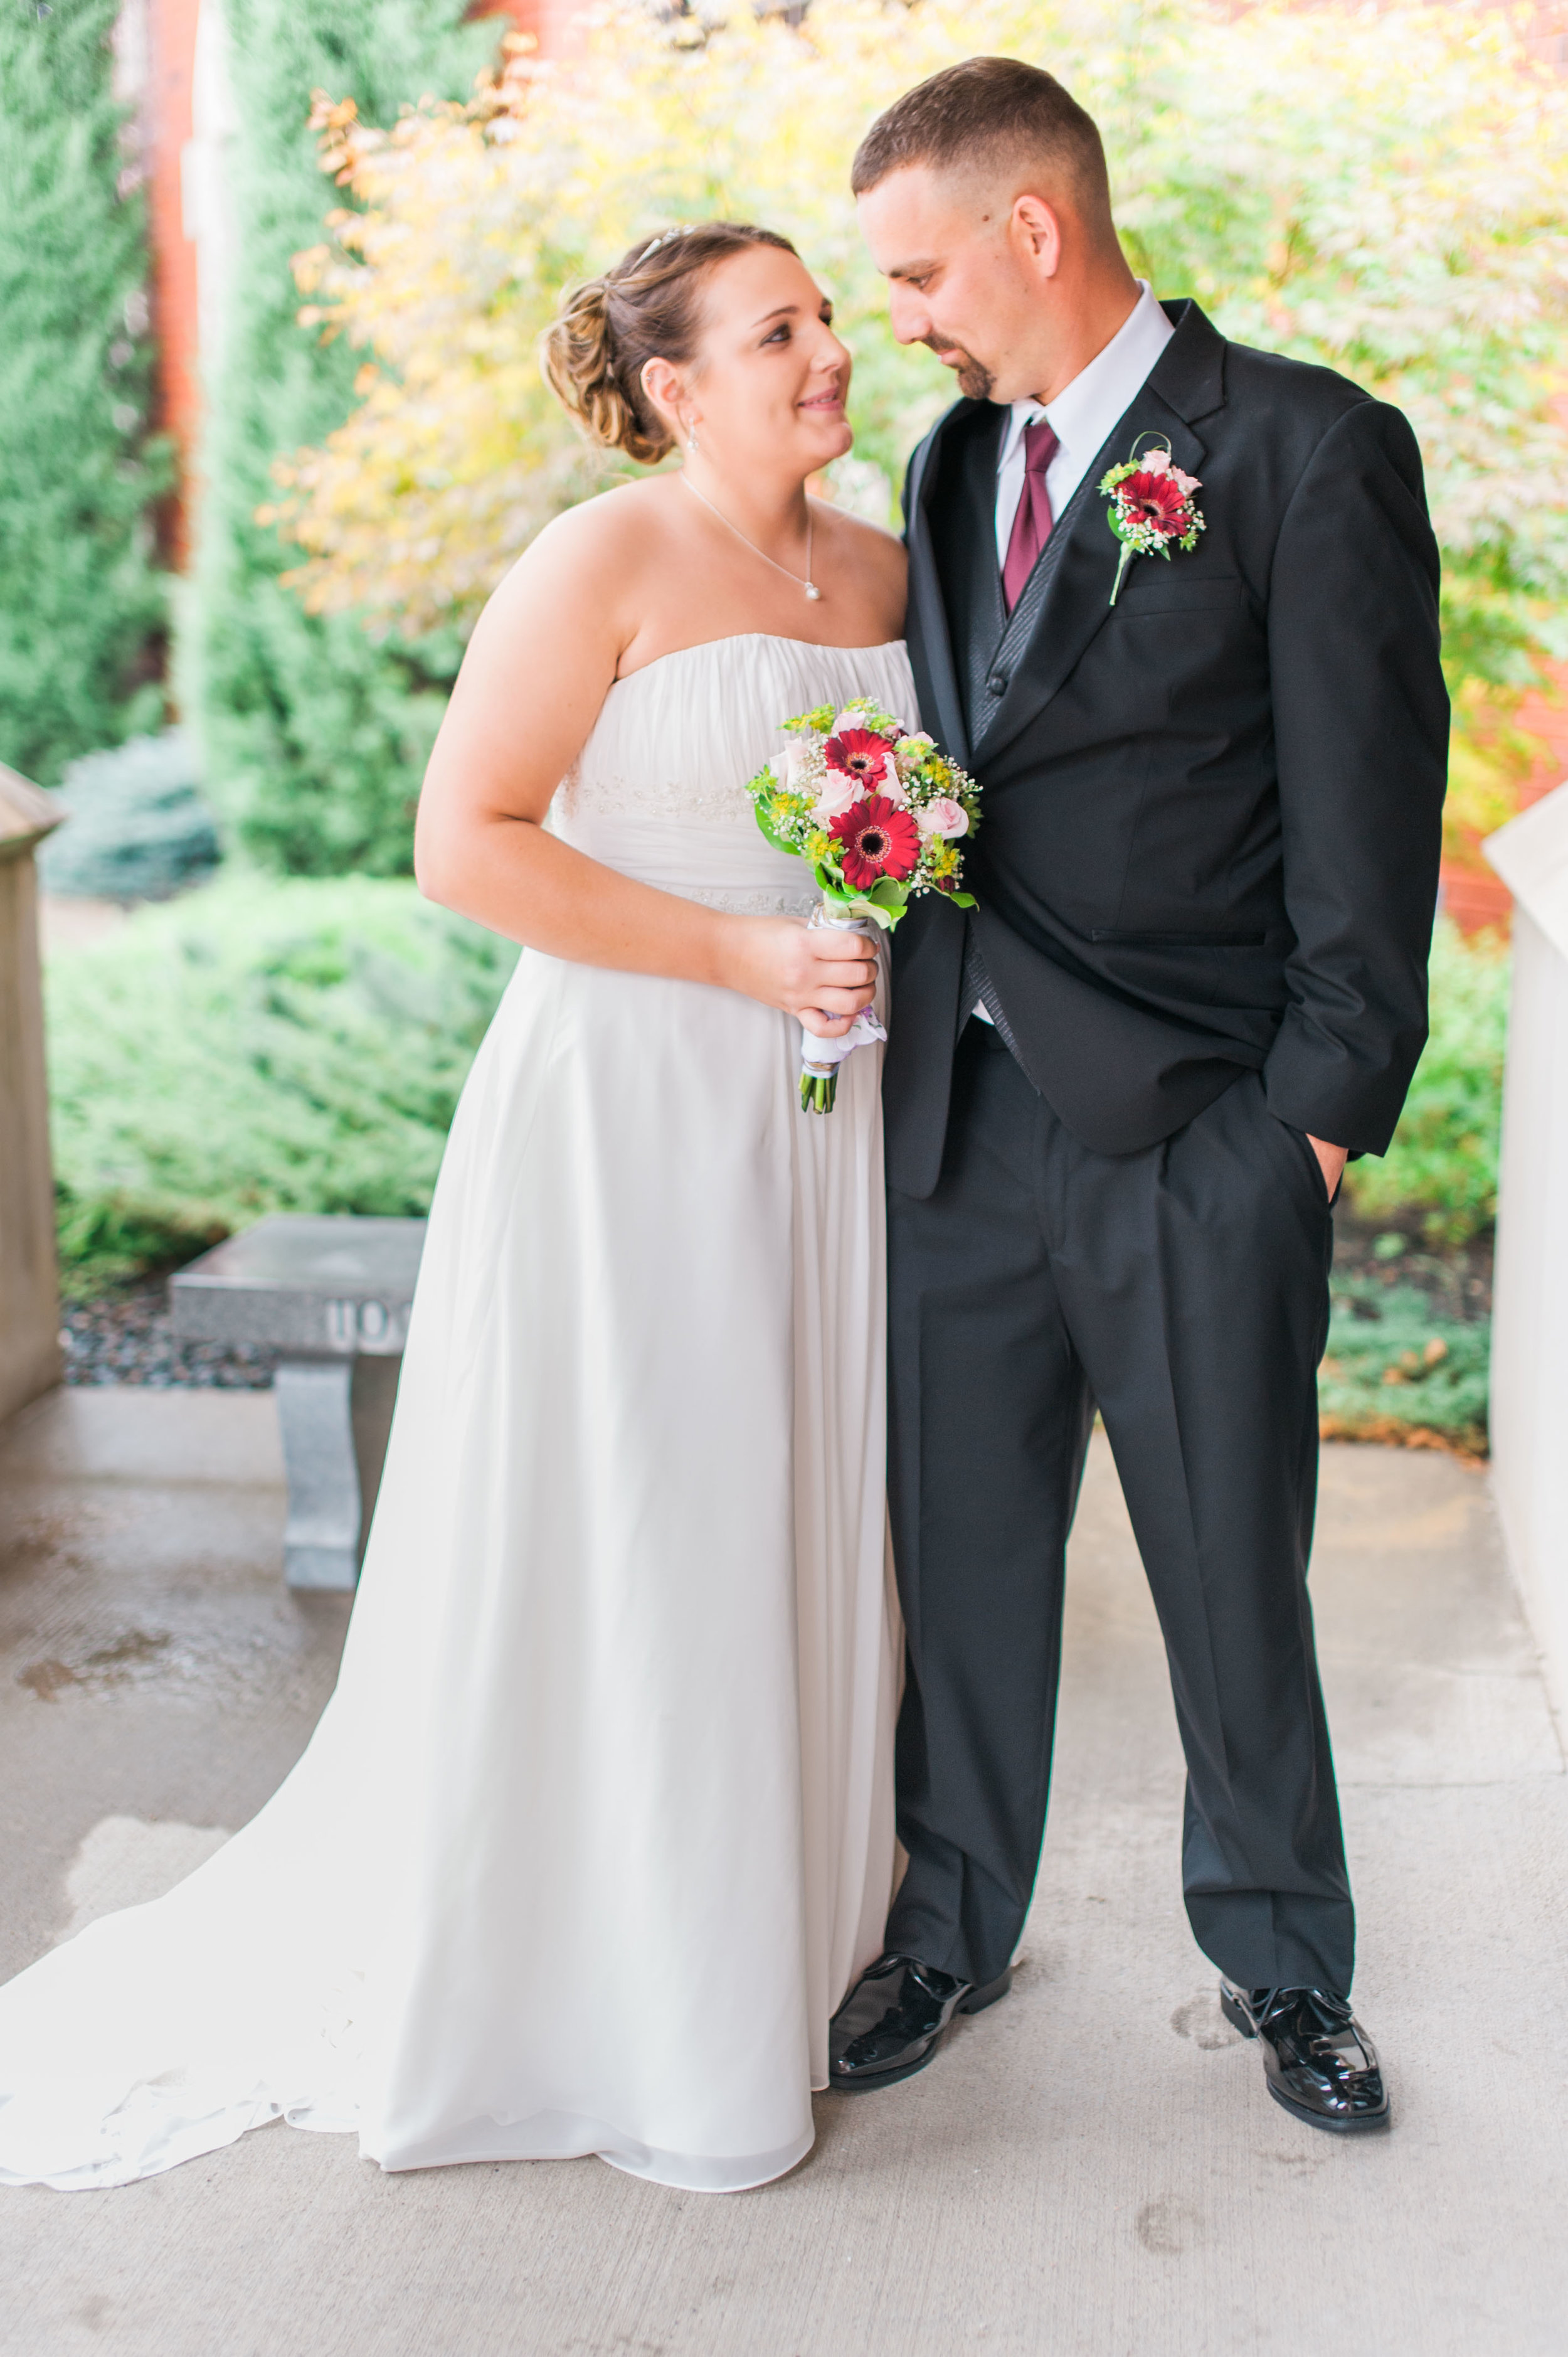 nebraska-wedding-photographer-7.jpg